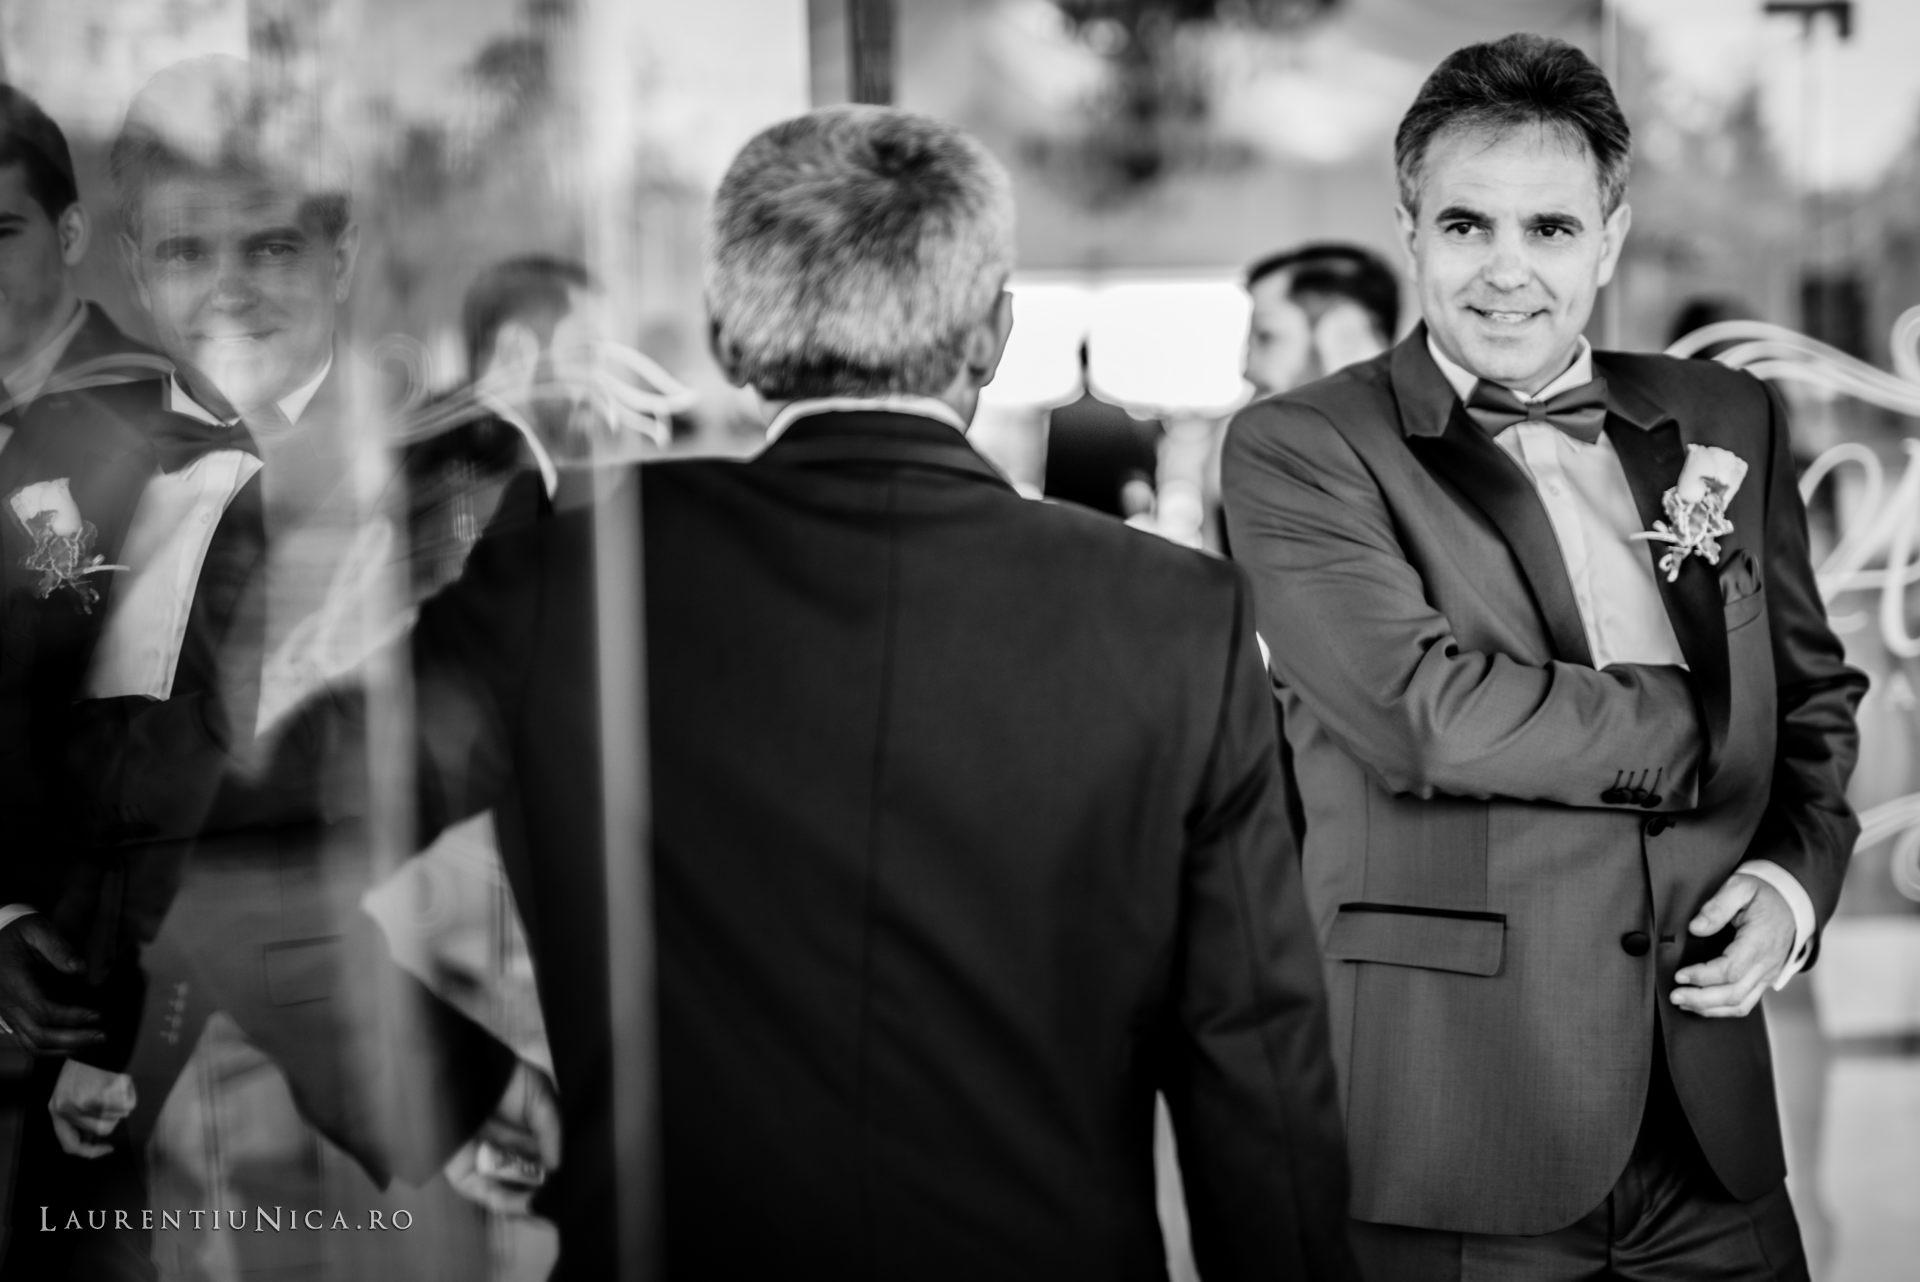 denisa si catalin fotograf nunta laurentiu nica craiova 64 - Denisa si Catalin | Fotografii nunta | Craiova